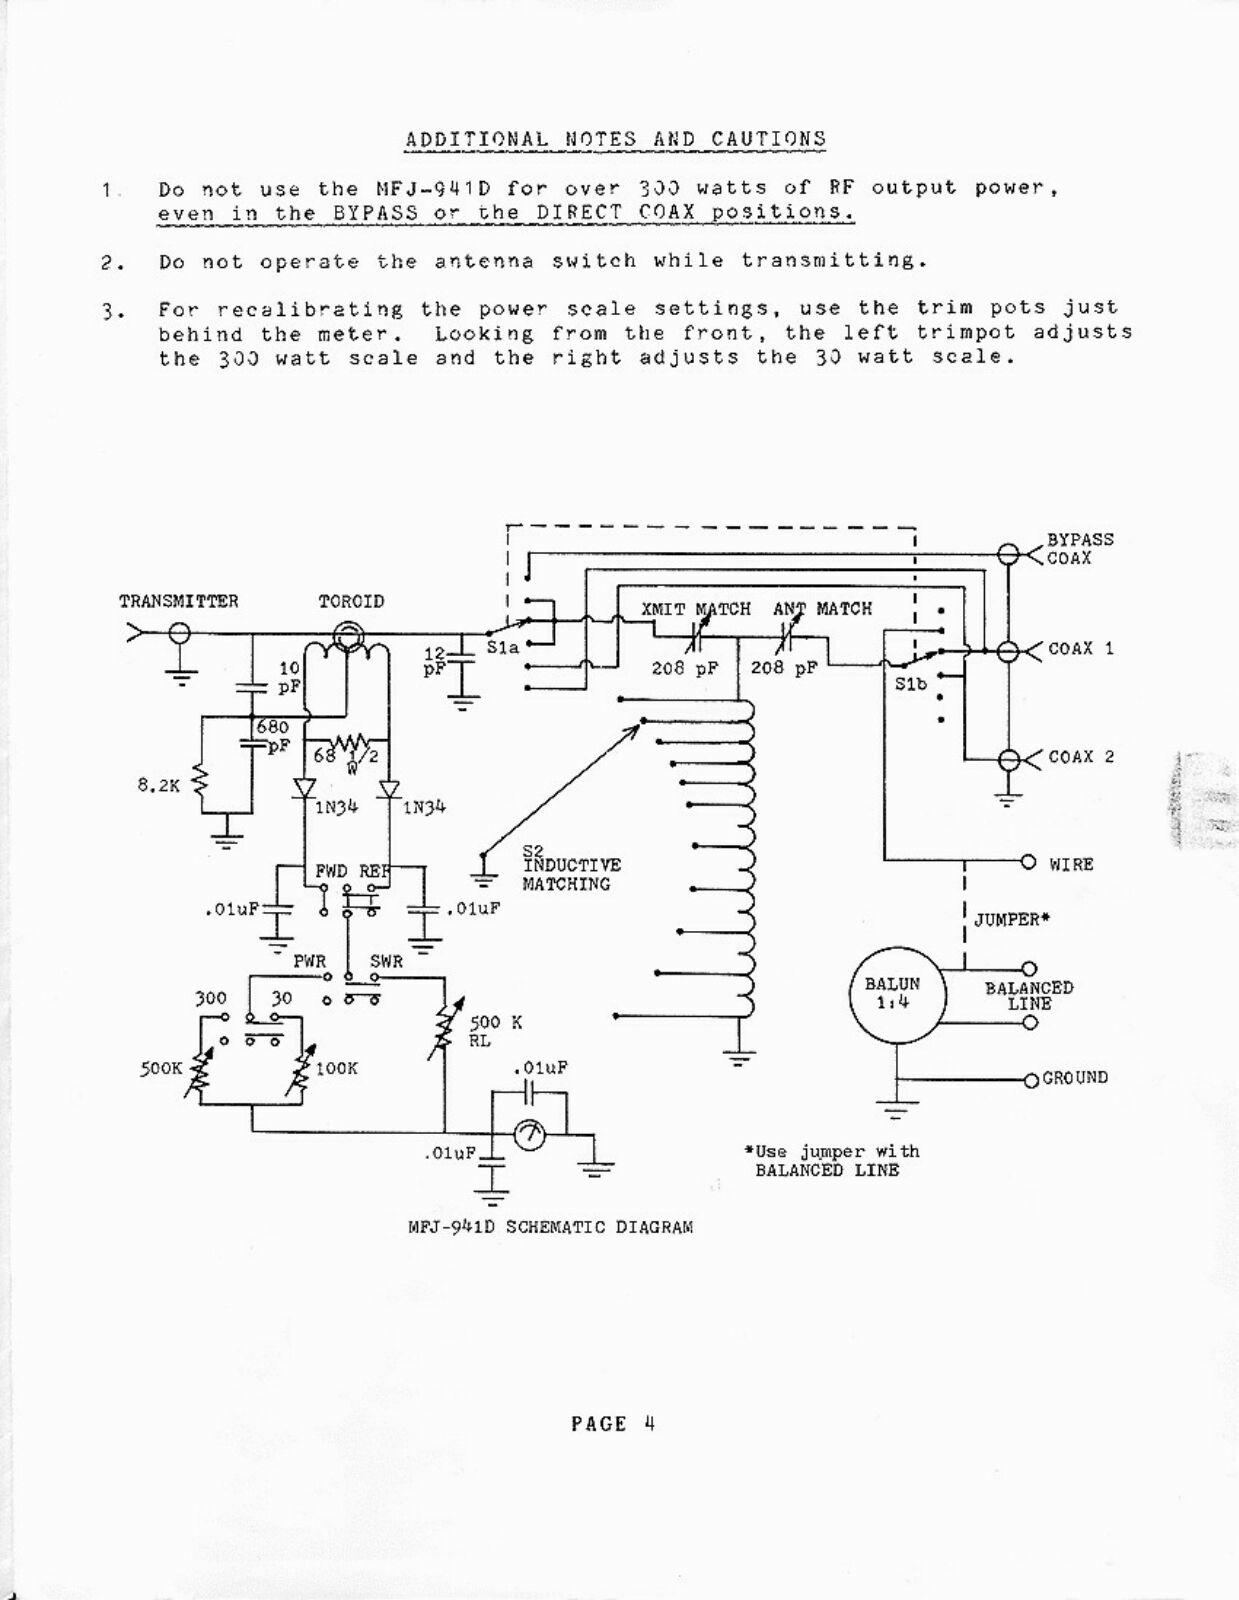 random wire antenna tuner schematic, simple antenna tuner schematic, homebrew antenna tuner schematic, johnson matchbox antenna tuner schematic, on balanced antenna tuner schematic